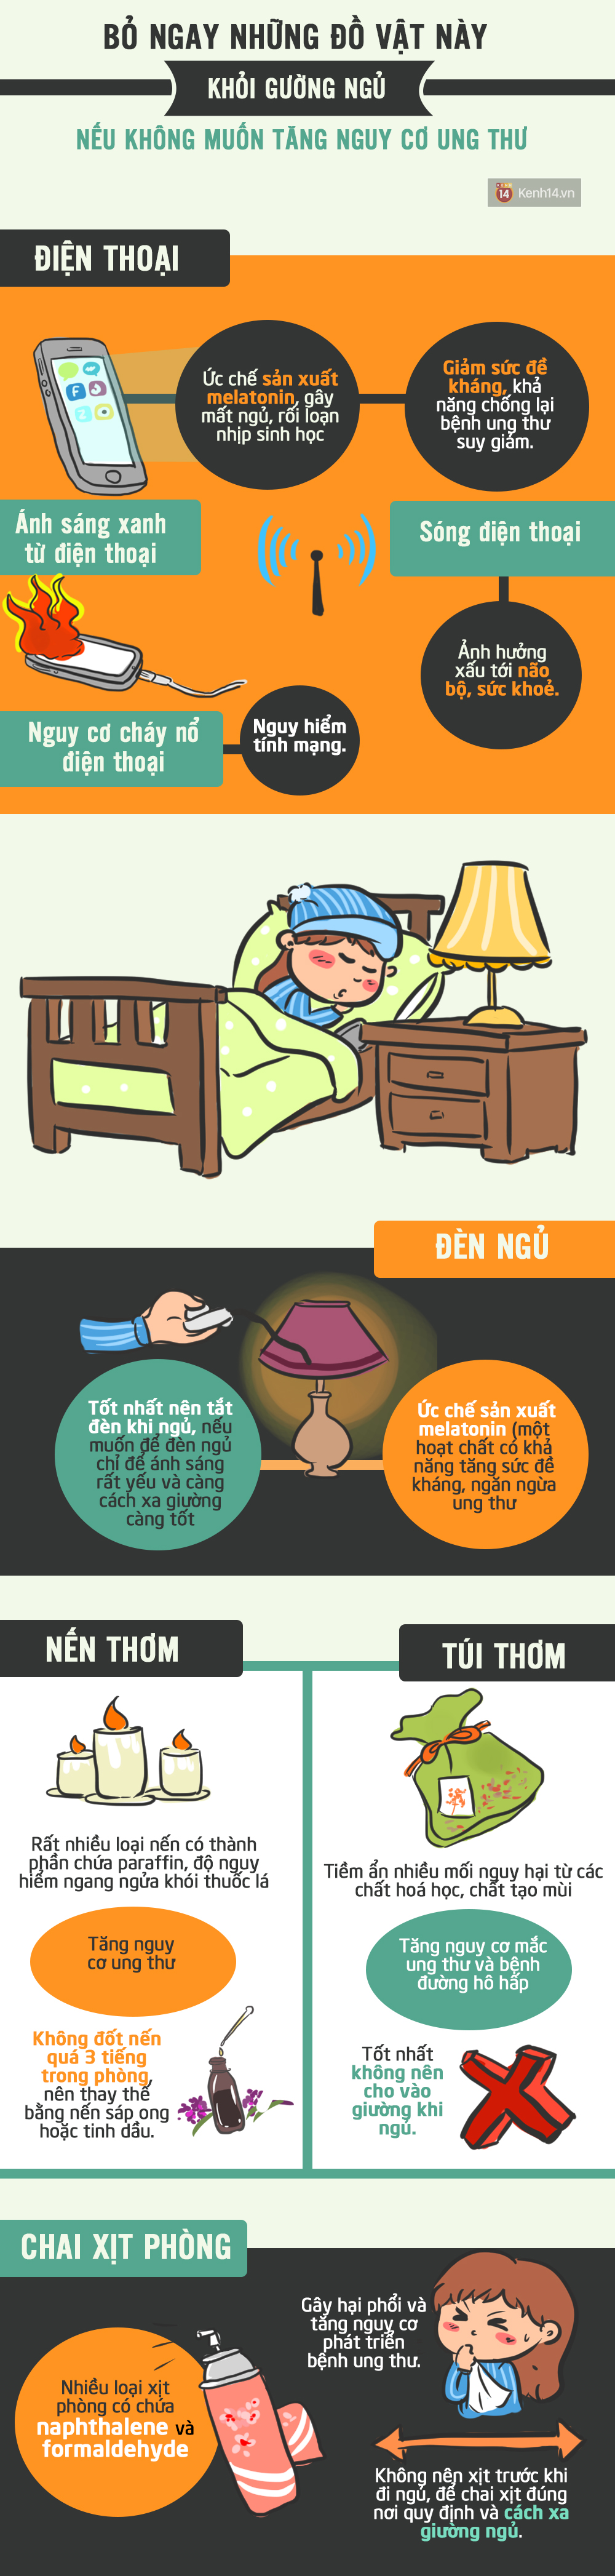 Bỏ ngay những đồ vật này khỏi giường ngủ nếu không muốn tăng nguy cơ ung thư - Ảnh 1.